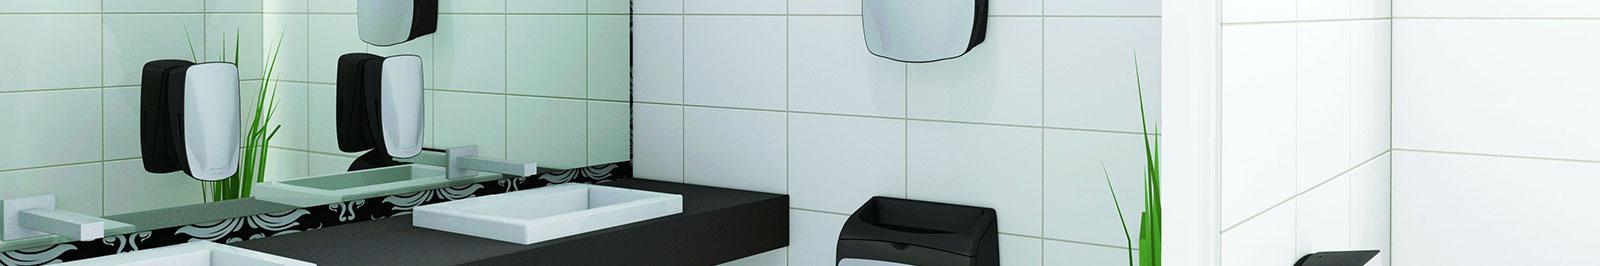 d3b64e07fbec5f Waschraum  Papierhandtuchspender Stoffhandtuchspender – Waschbär Hygiene- Service von Guretzky-Cornitz GmbH